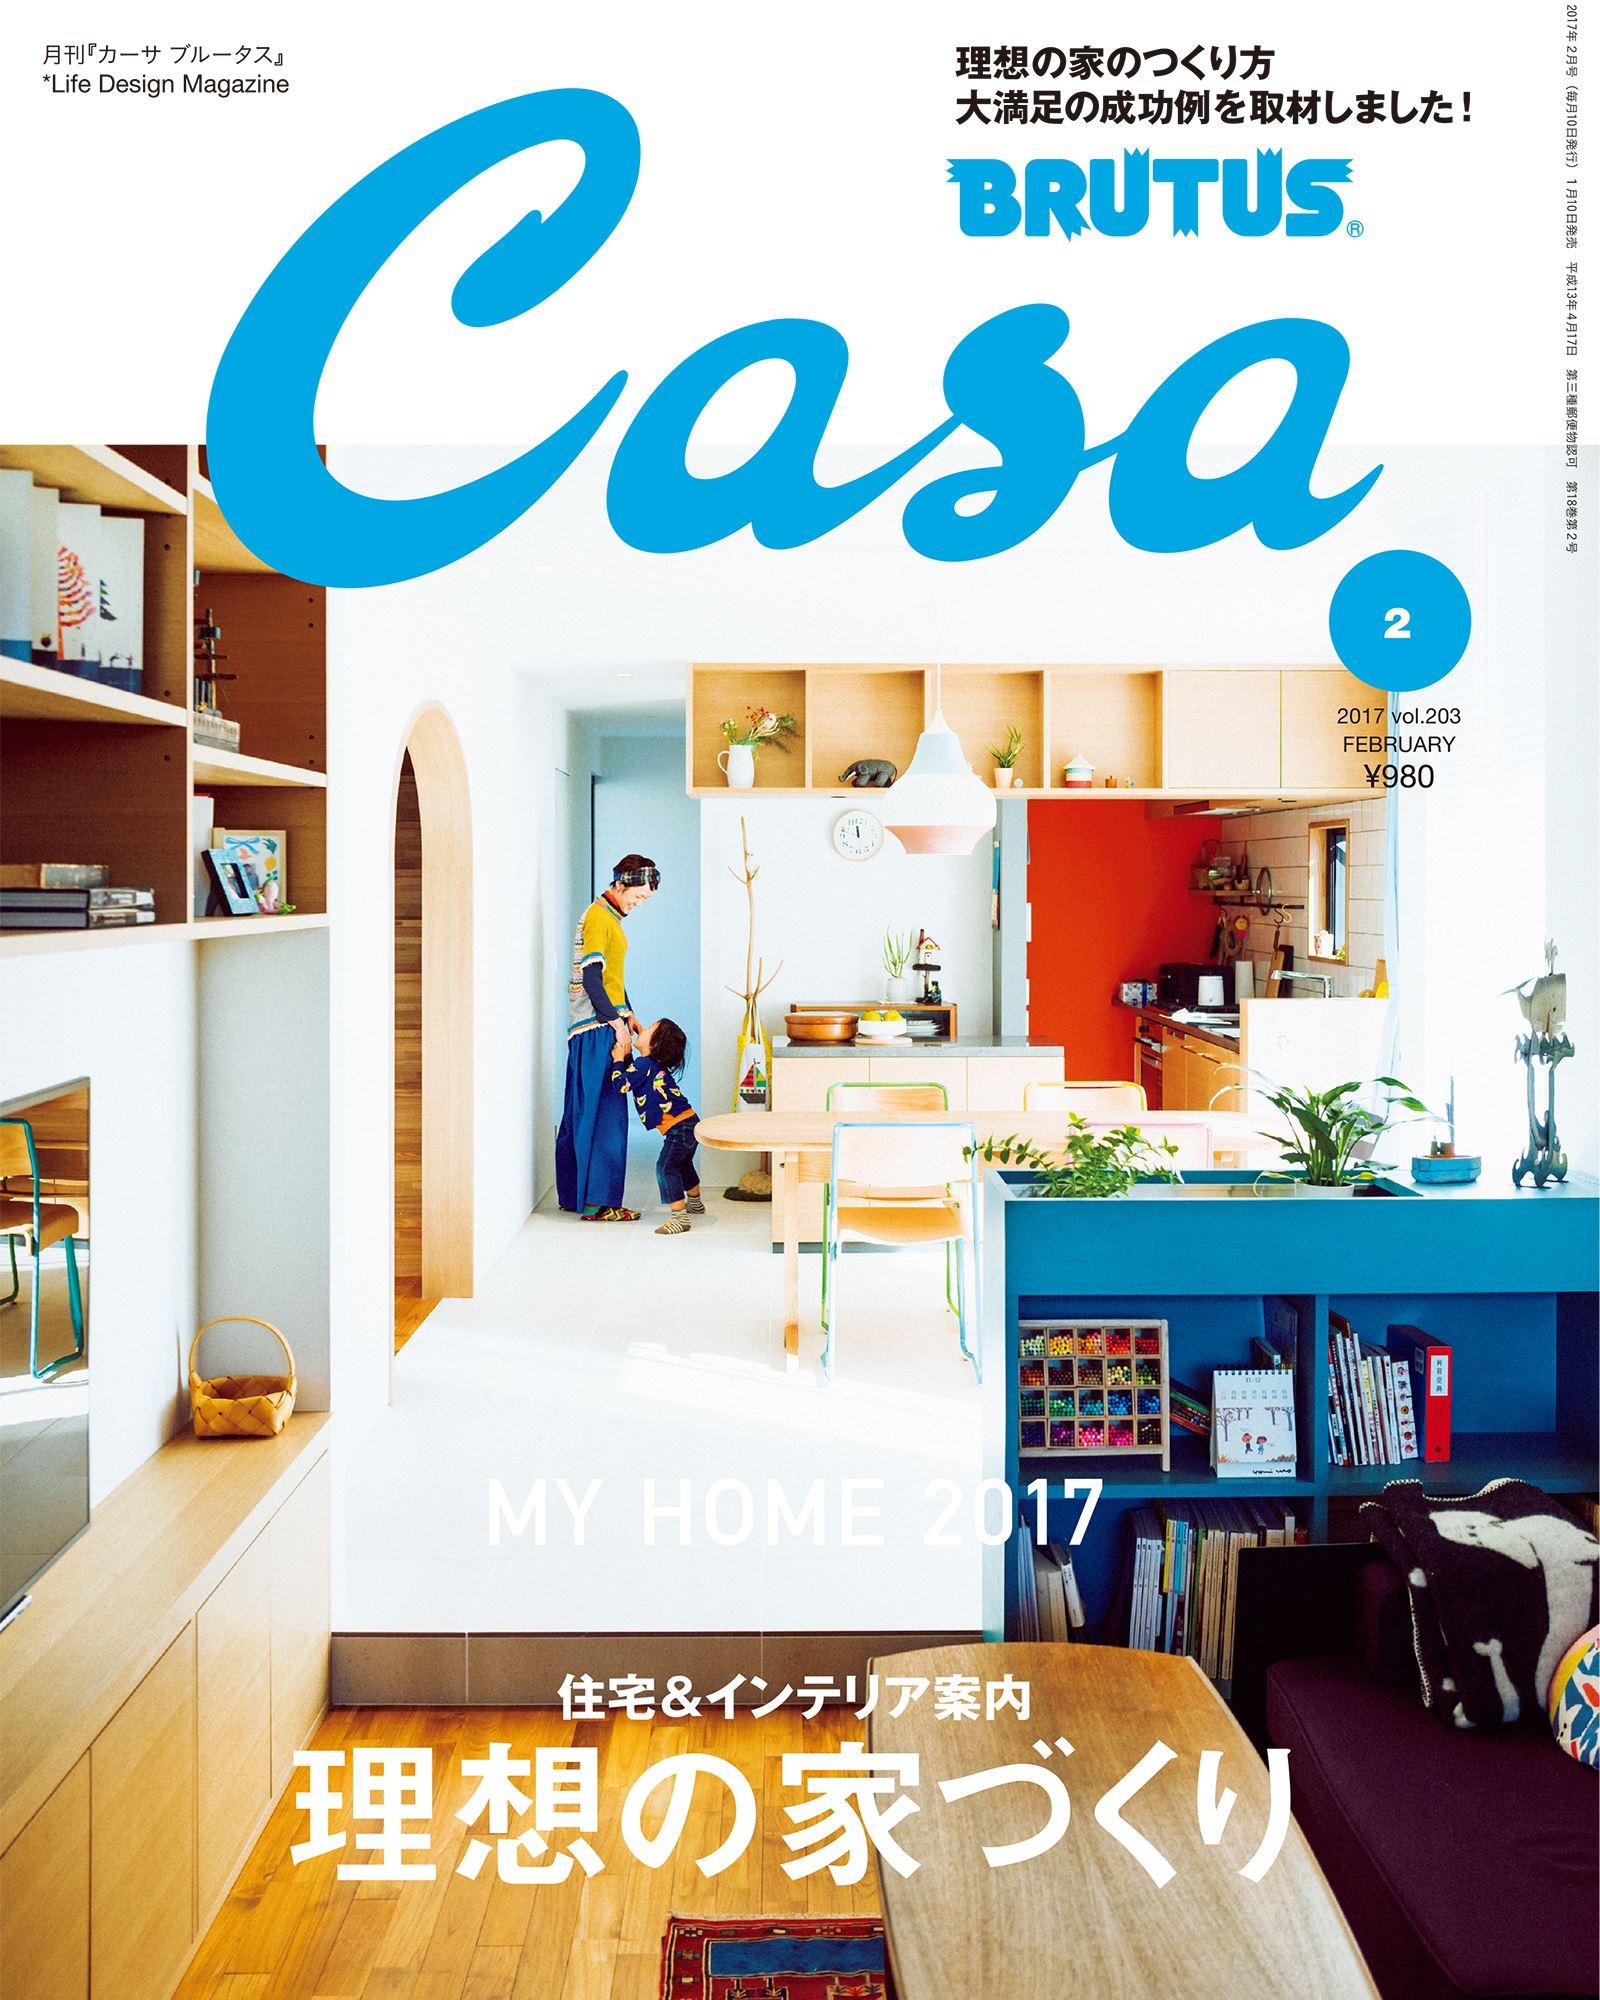 Casa BRUTUS No.201702